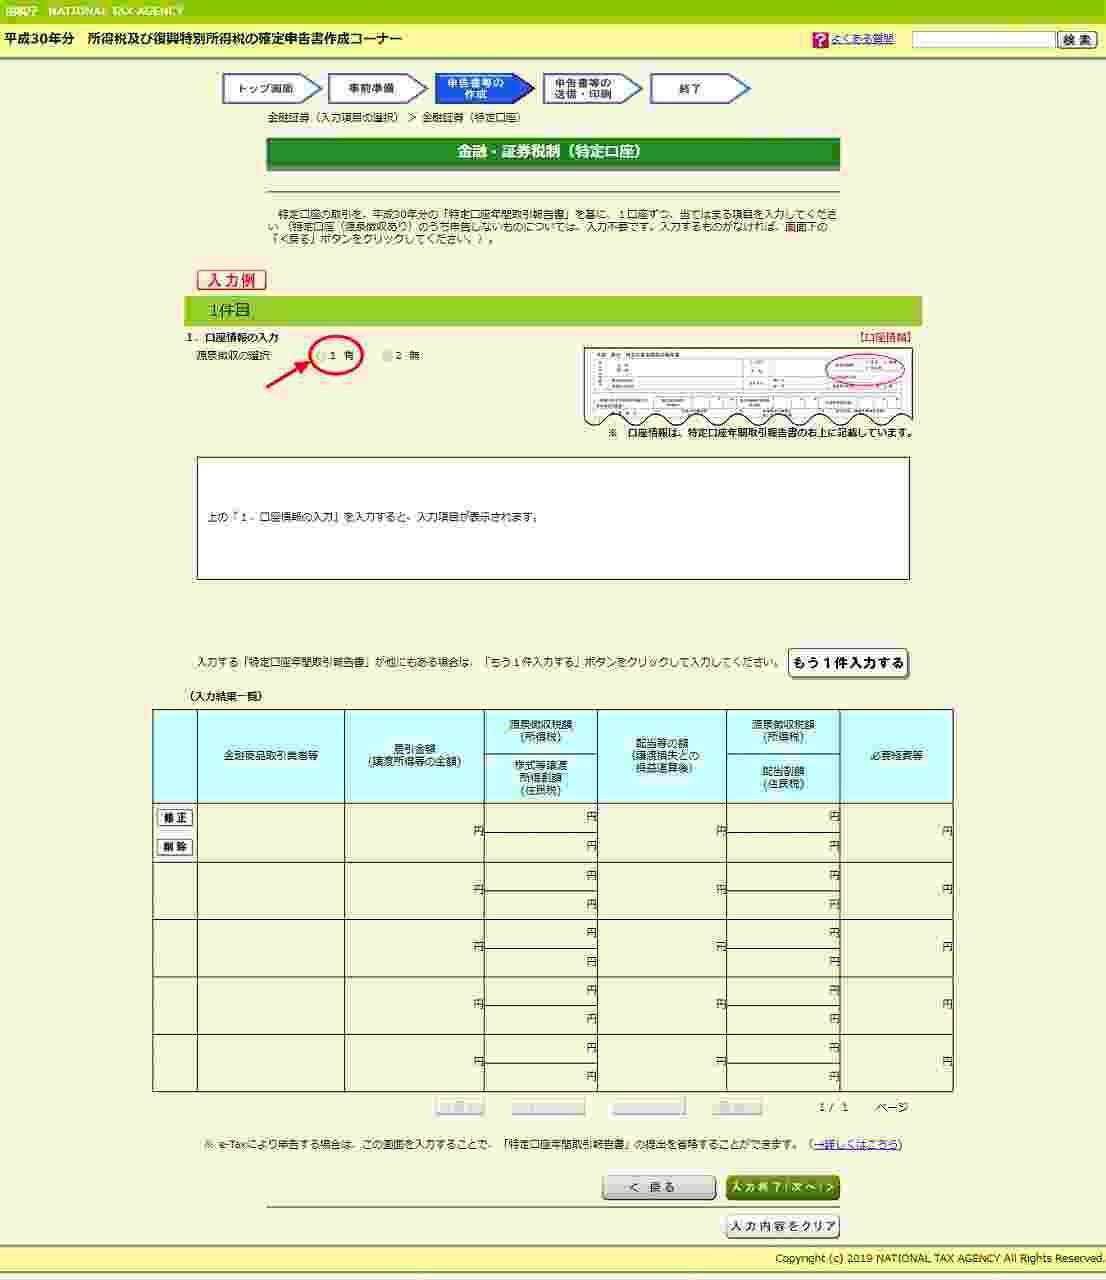 申告分離課税確定申告書作成画面5